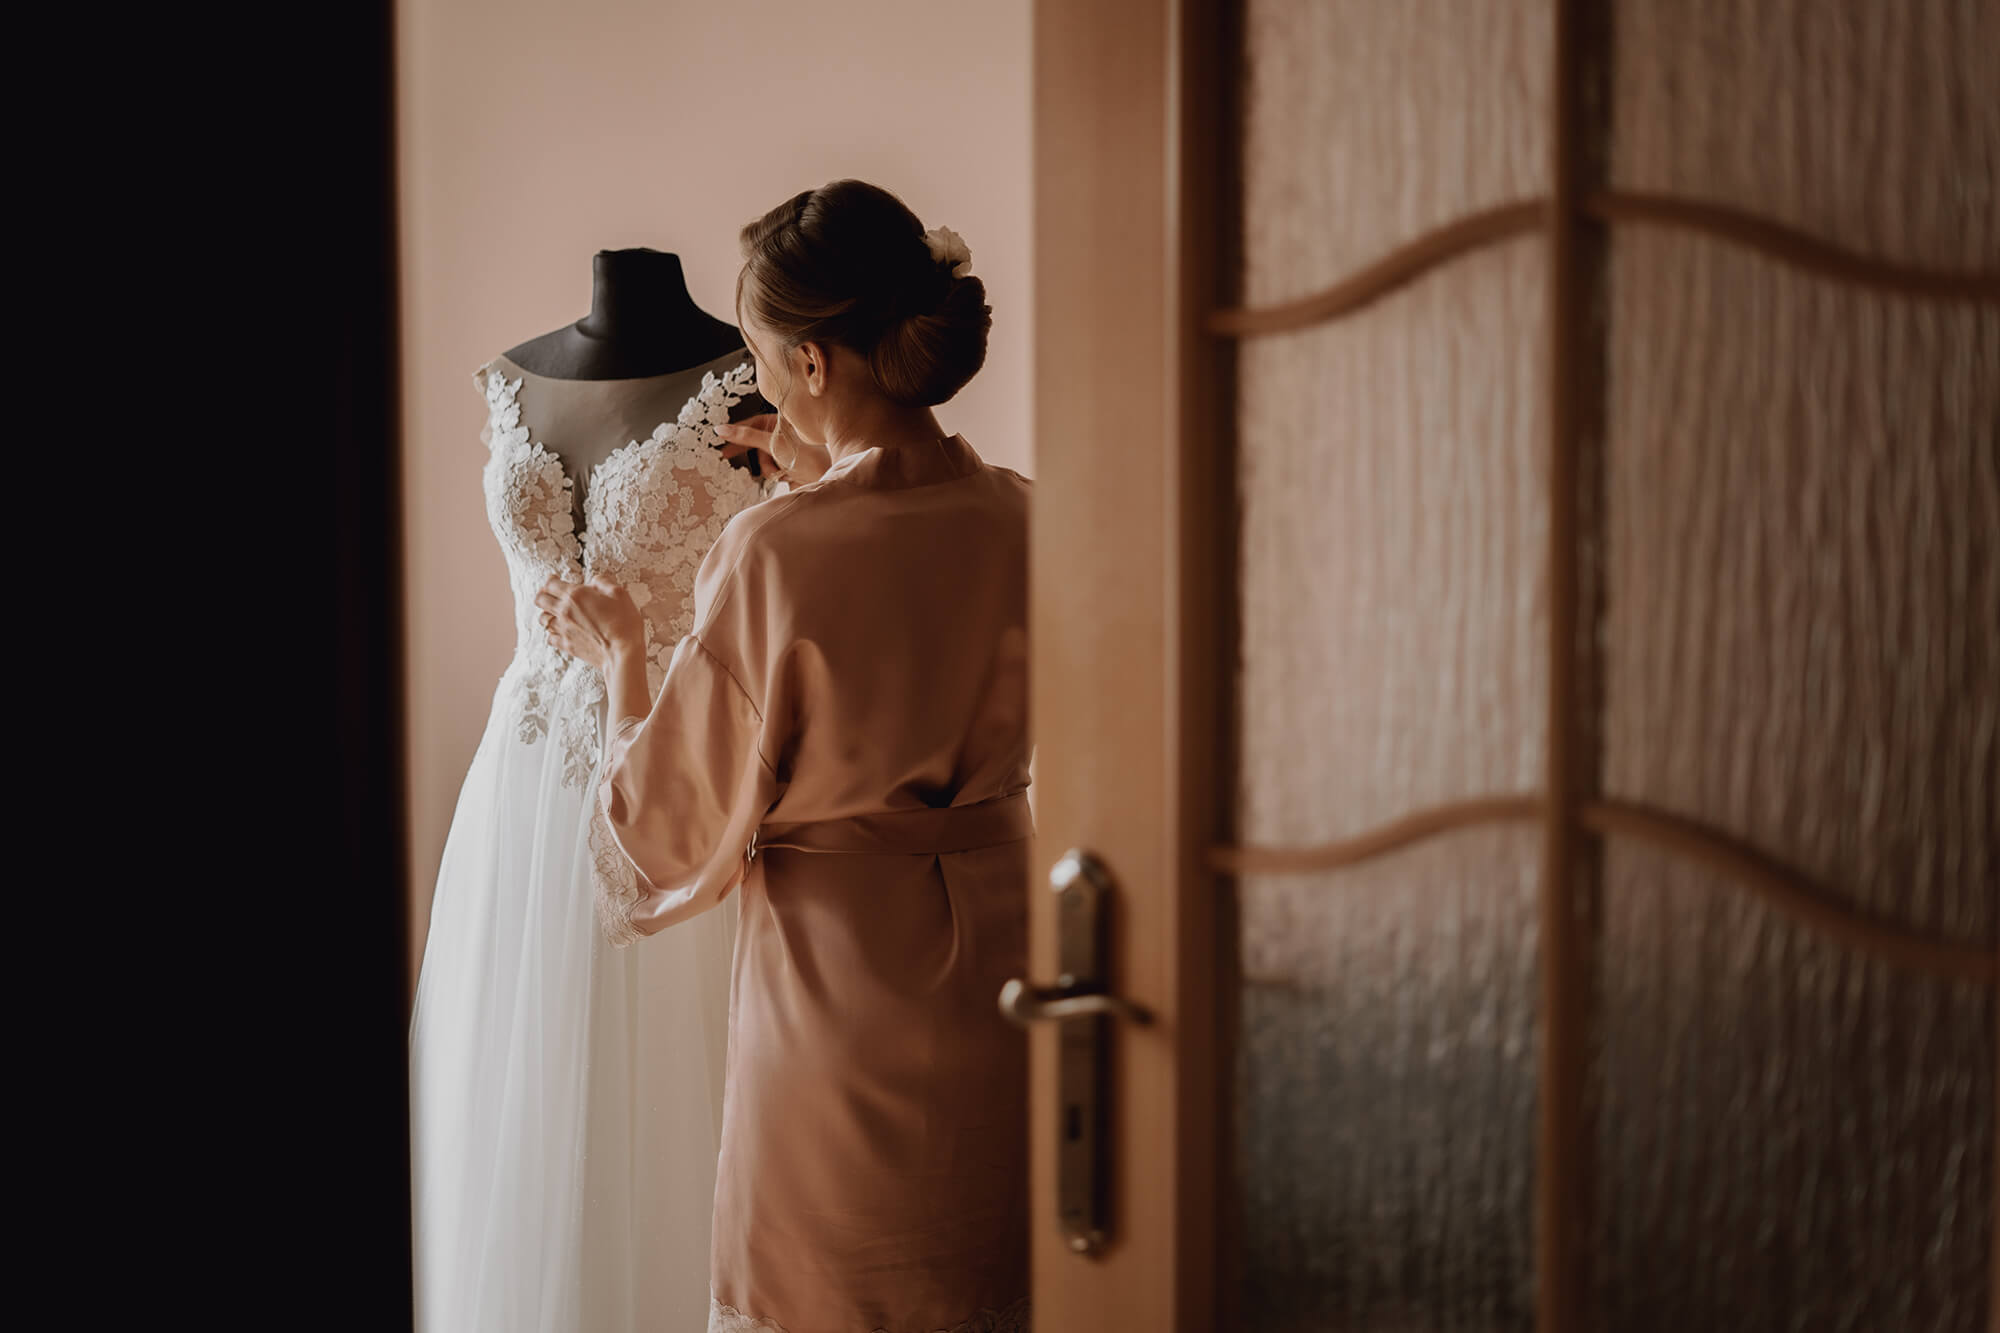 Slub wesele w dworze Hulanka00048 - Ola + Maciej | wesele w Dworze Hulanka